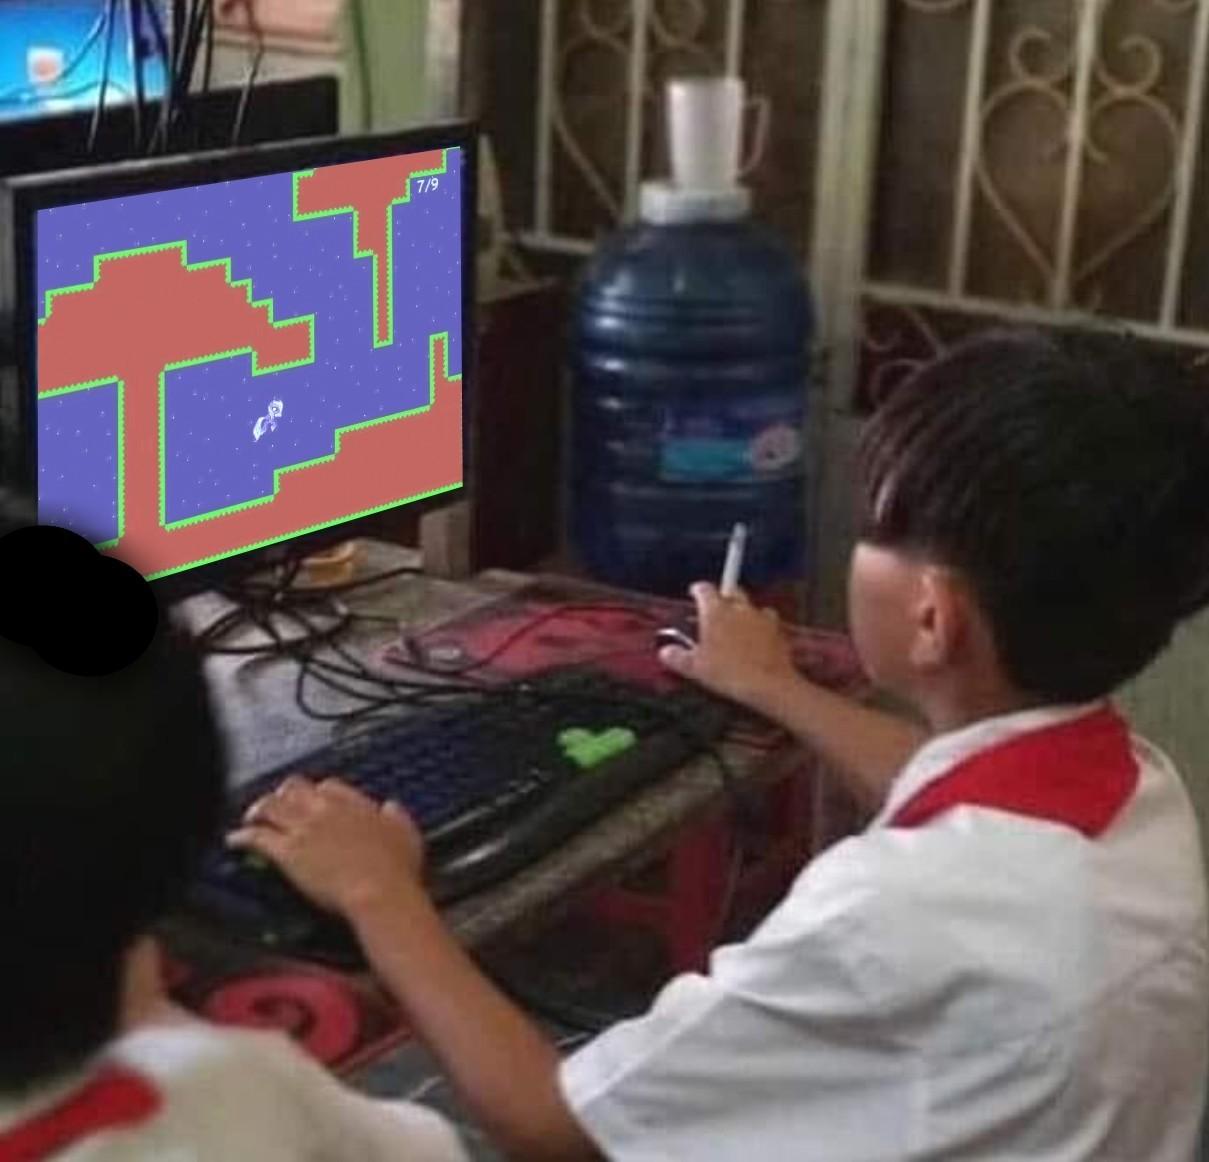 pode jogar sem medo da vírus no pc não - meme